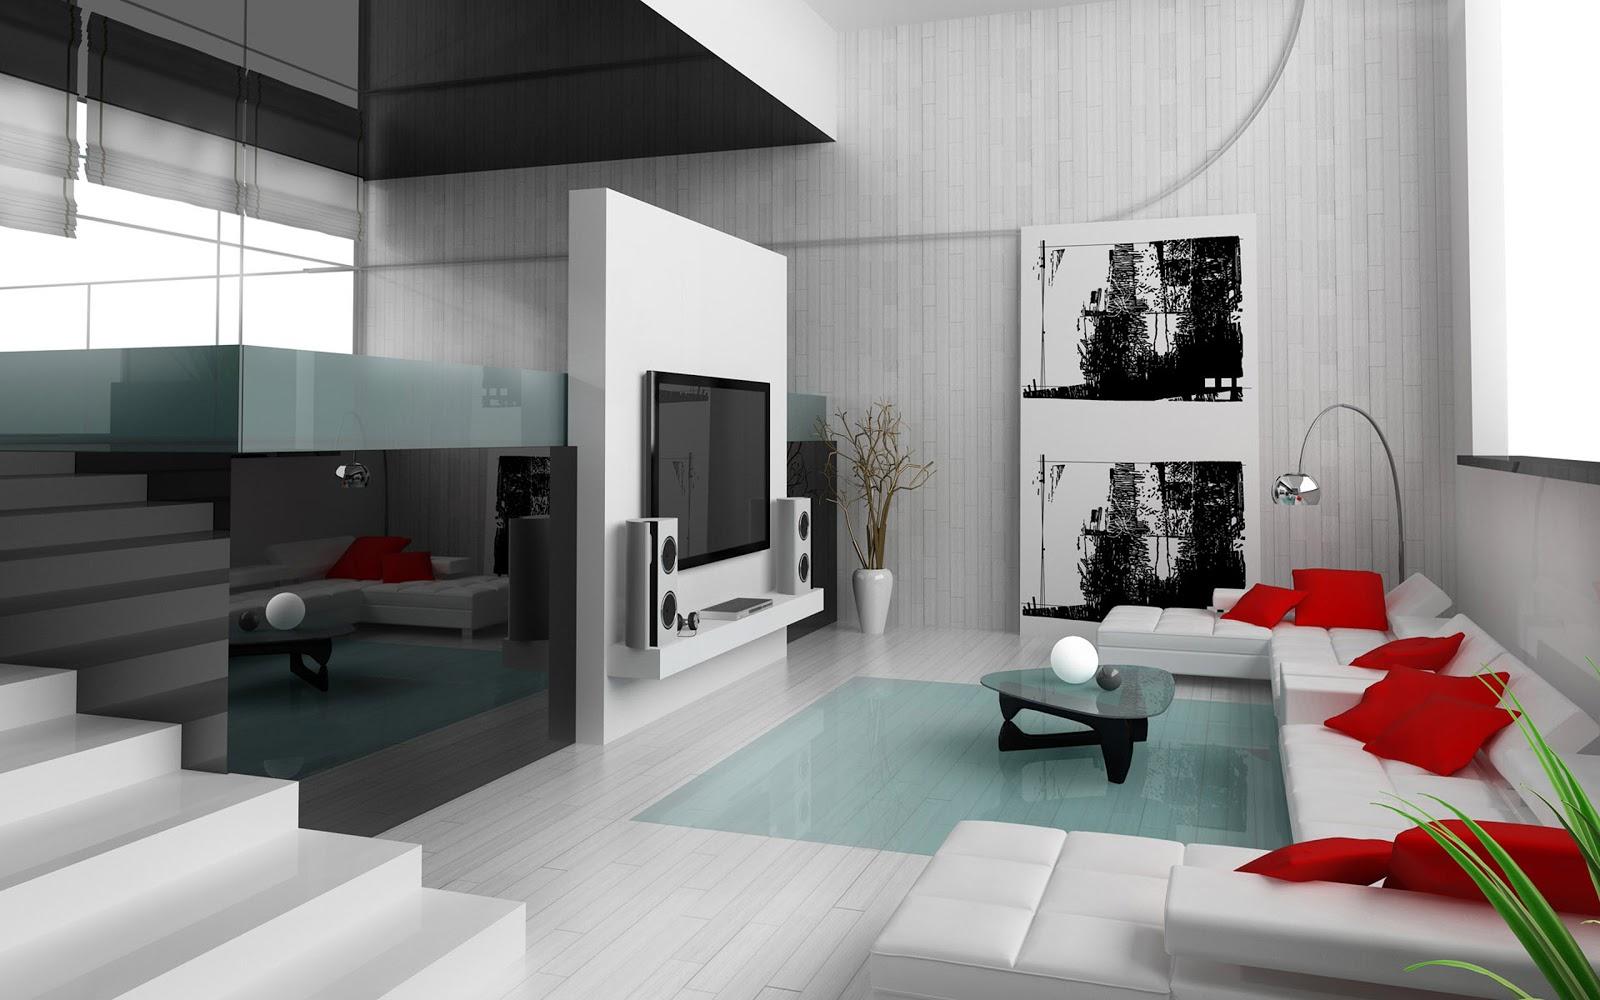 Desain Interior Ruang Keluarga Modern Dekorasi Ruangan Rumah Kita